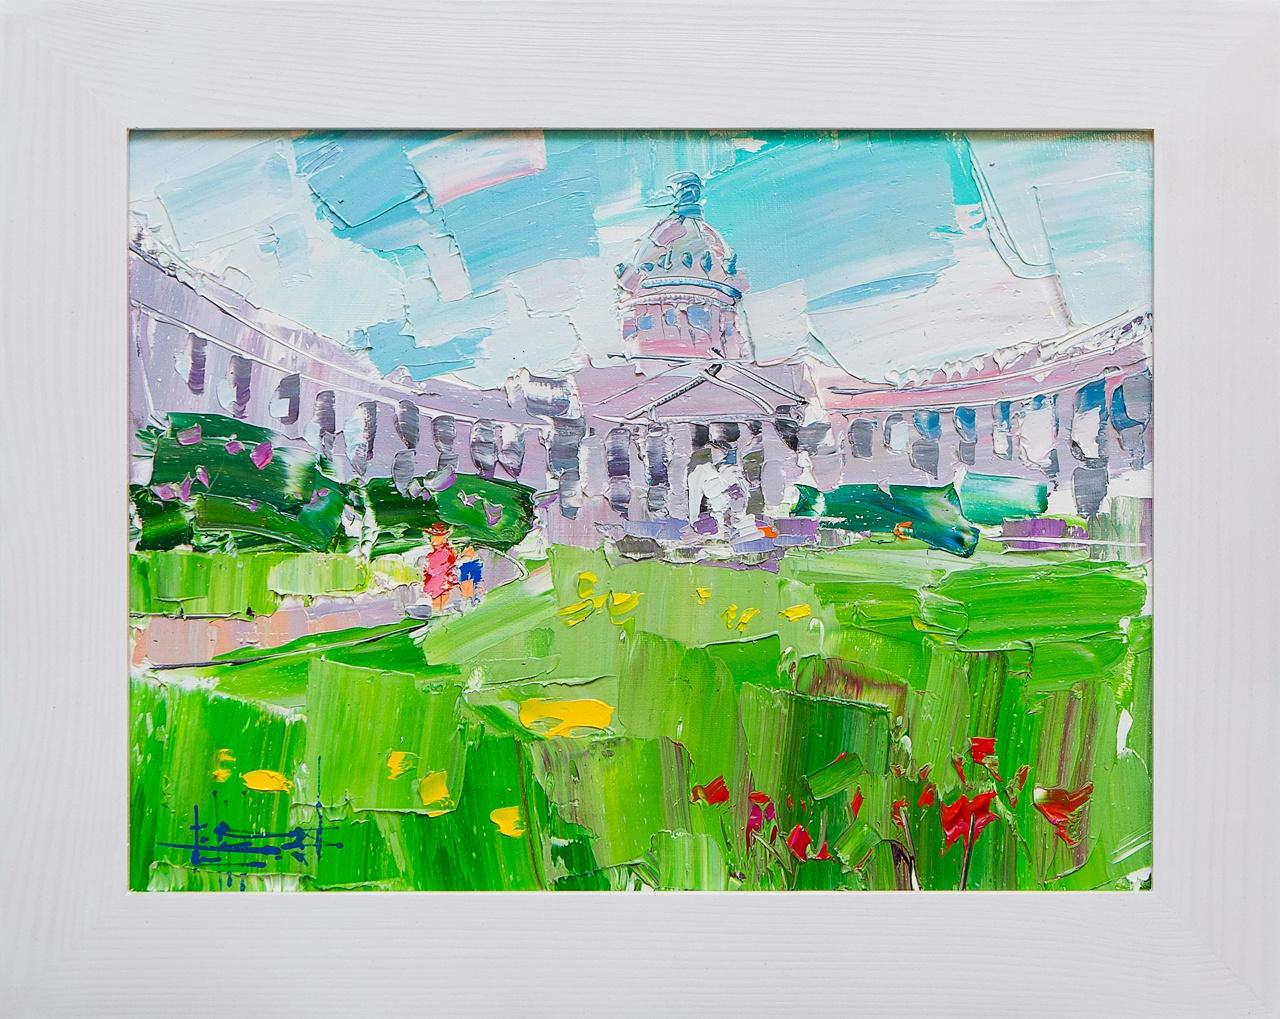 Картина маслом Казанский собор Сухоплюев картина маслом исаакиевский собор с крыши сухоплюев